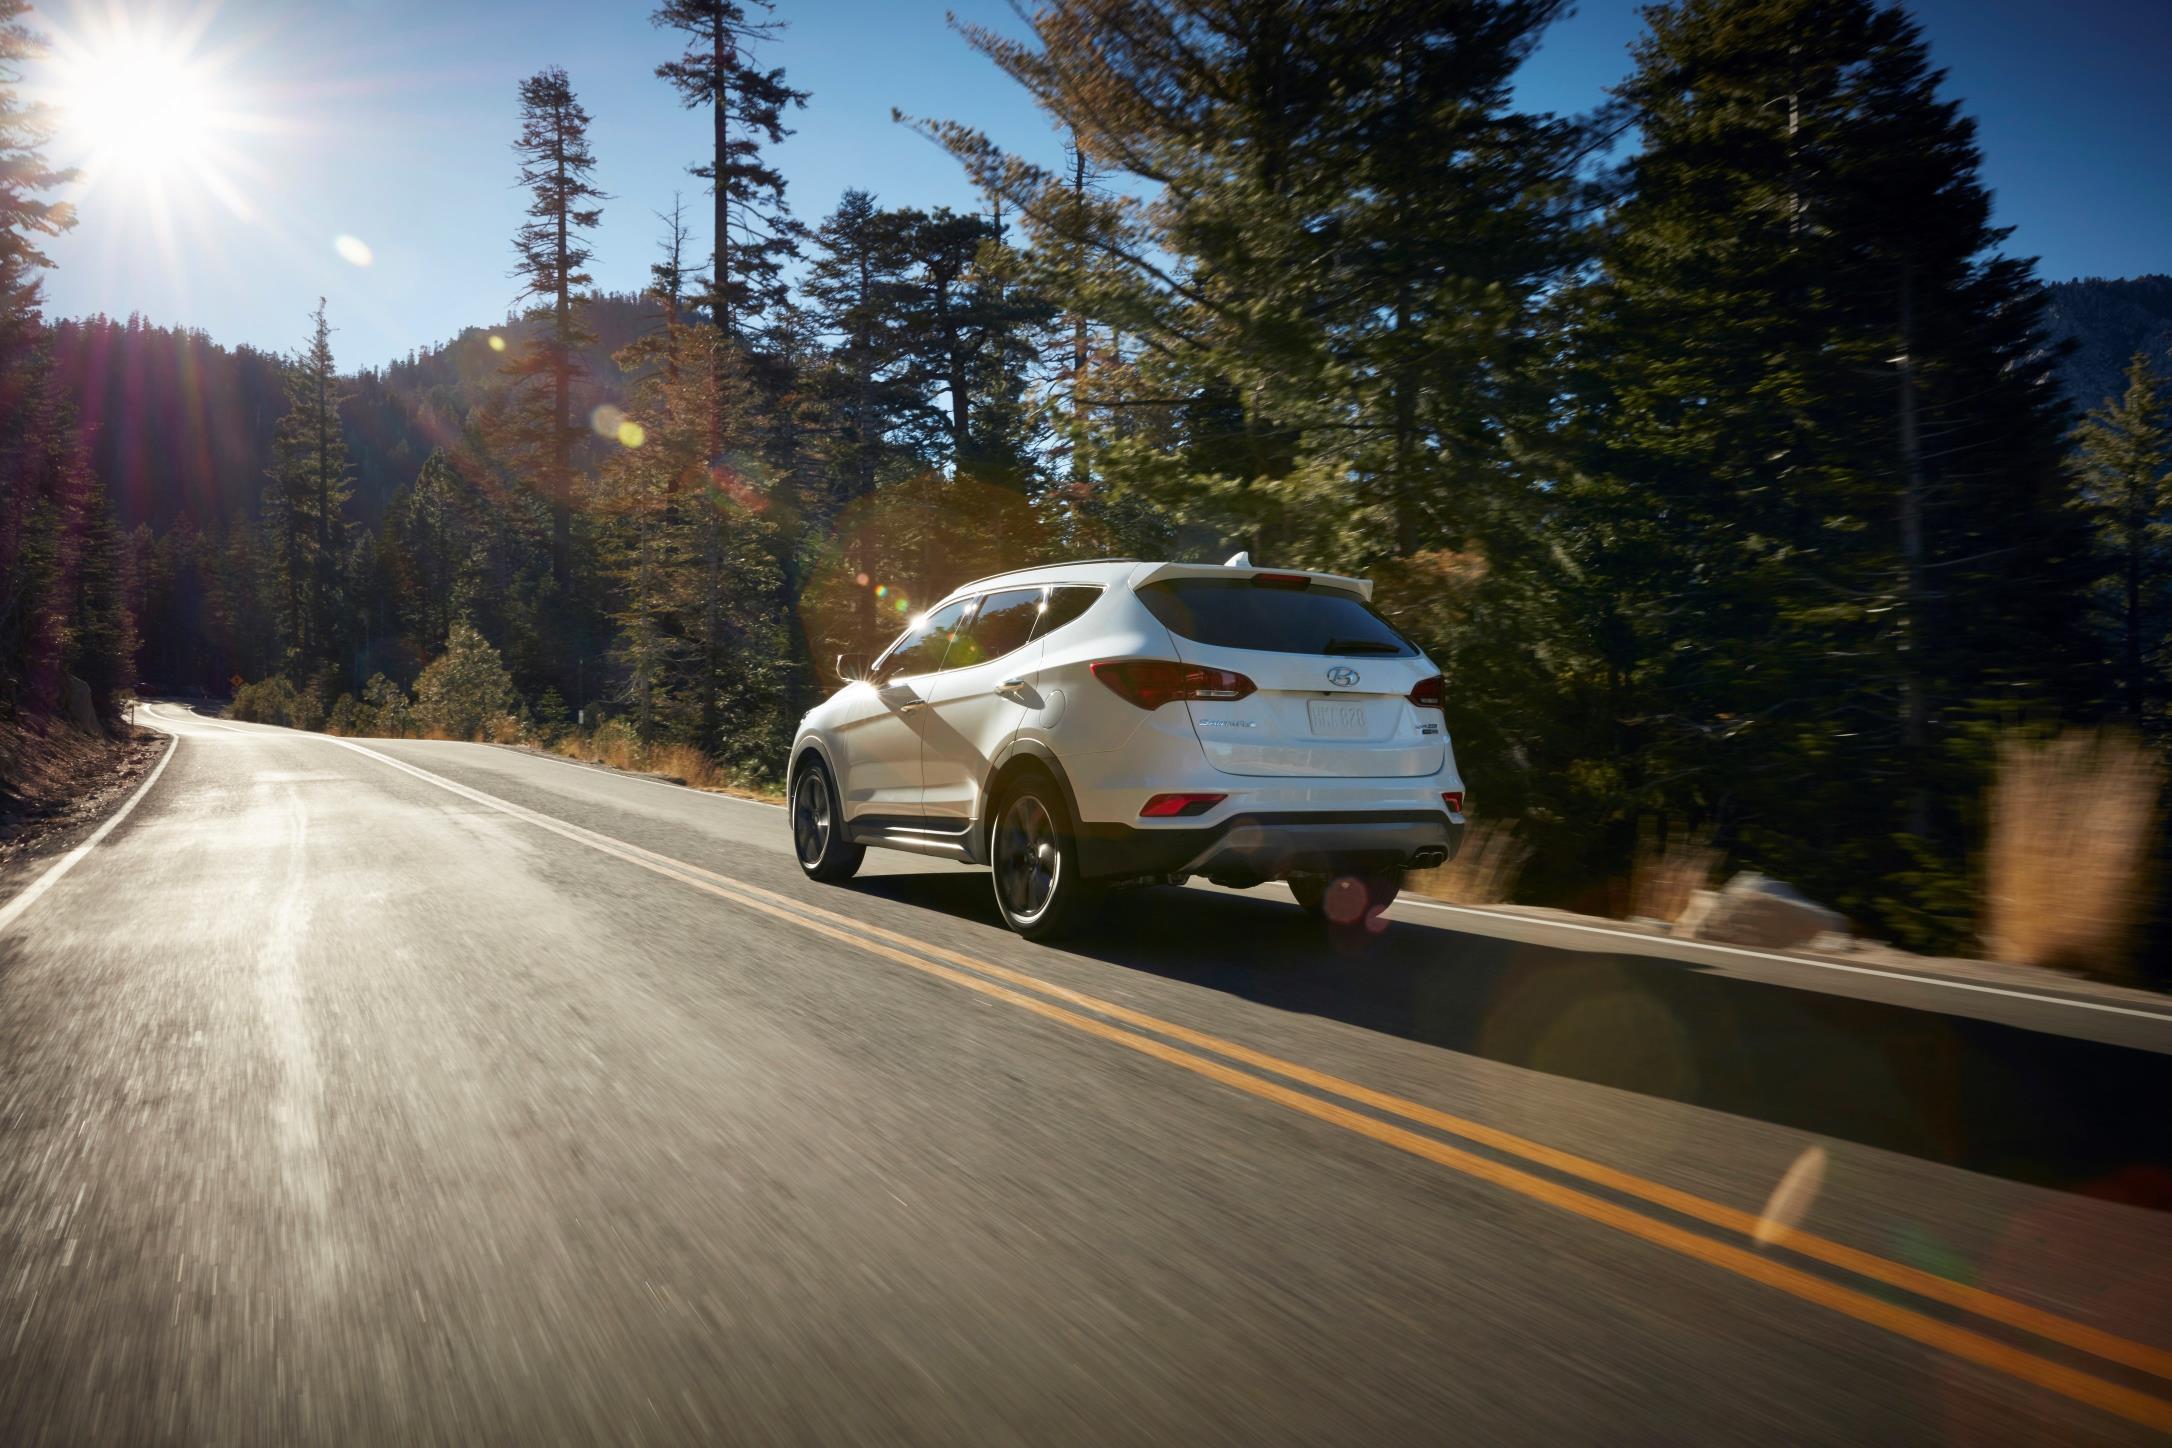 Why Hyundai Recalls 600K Vehicles